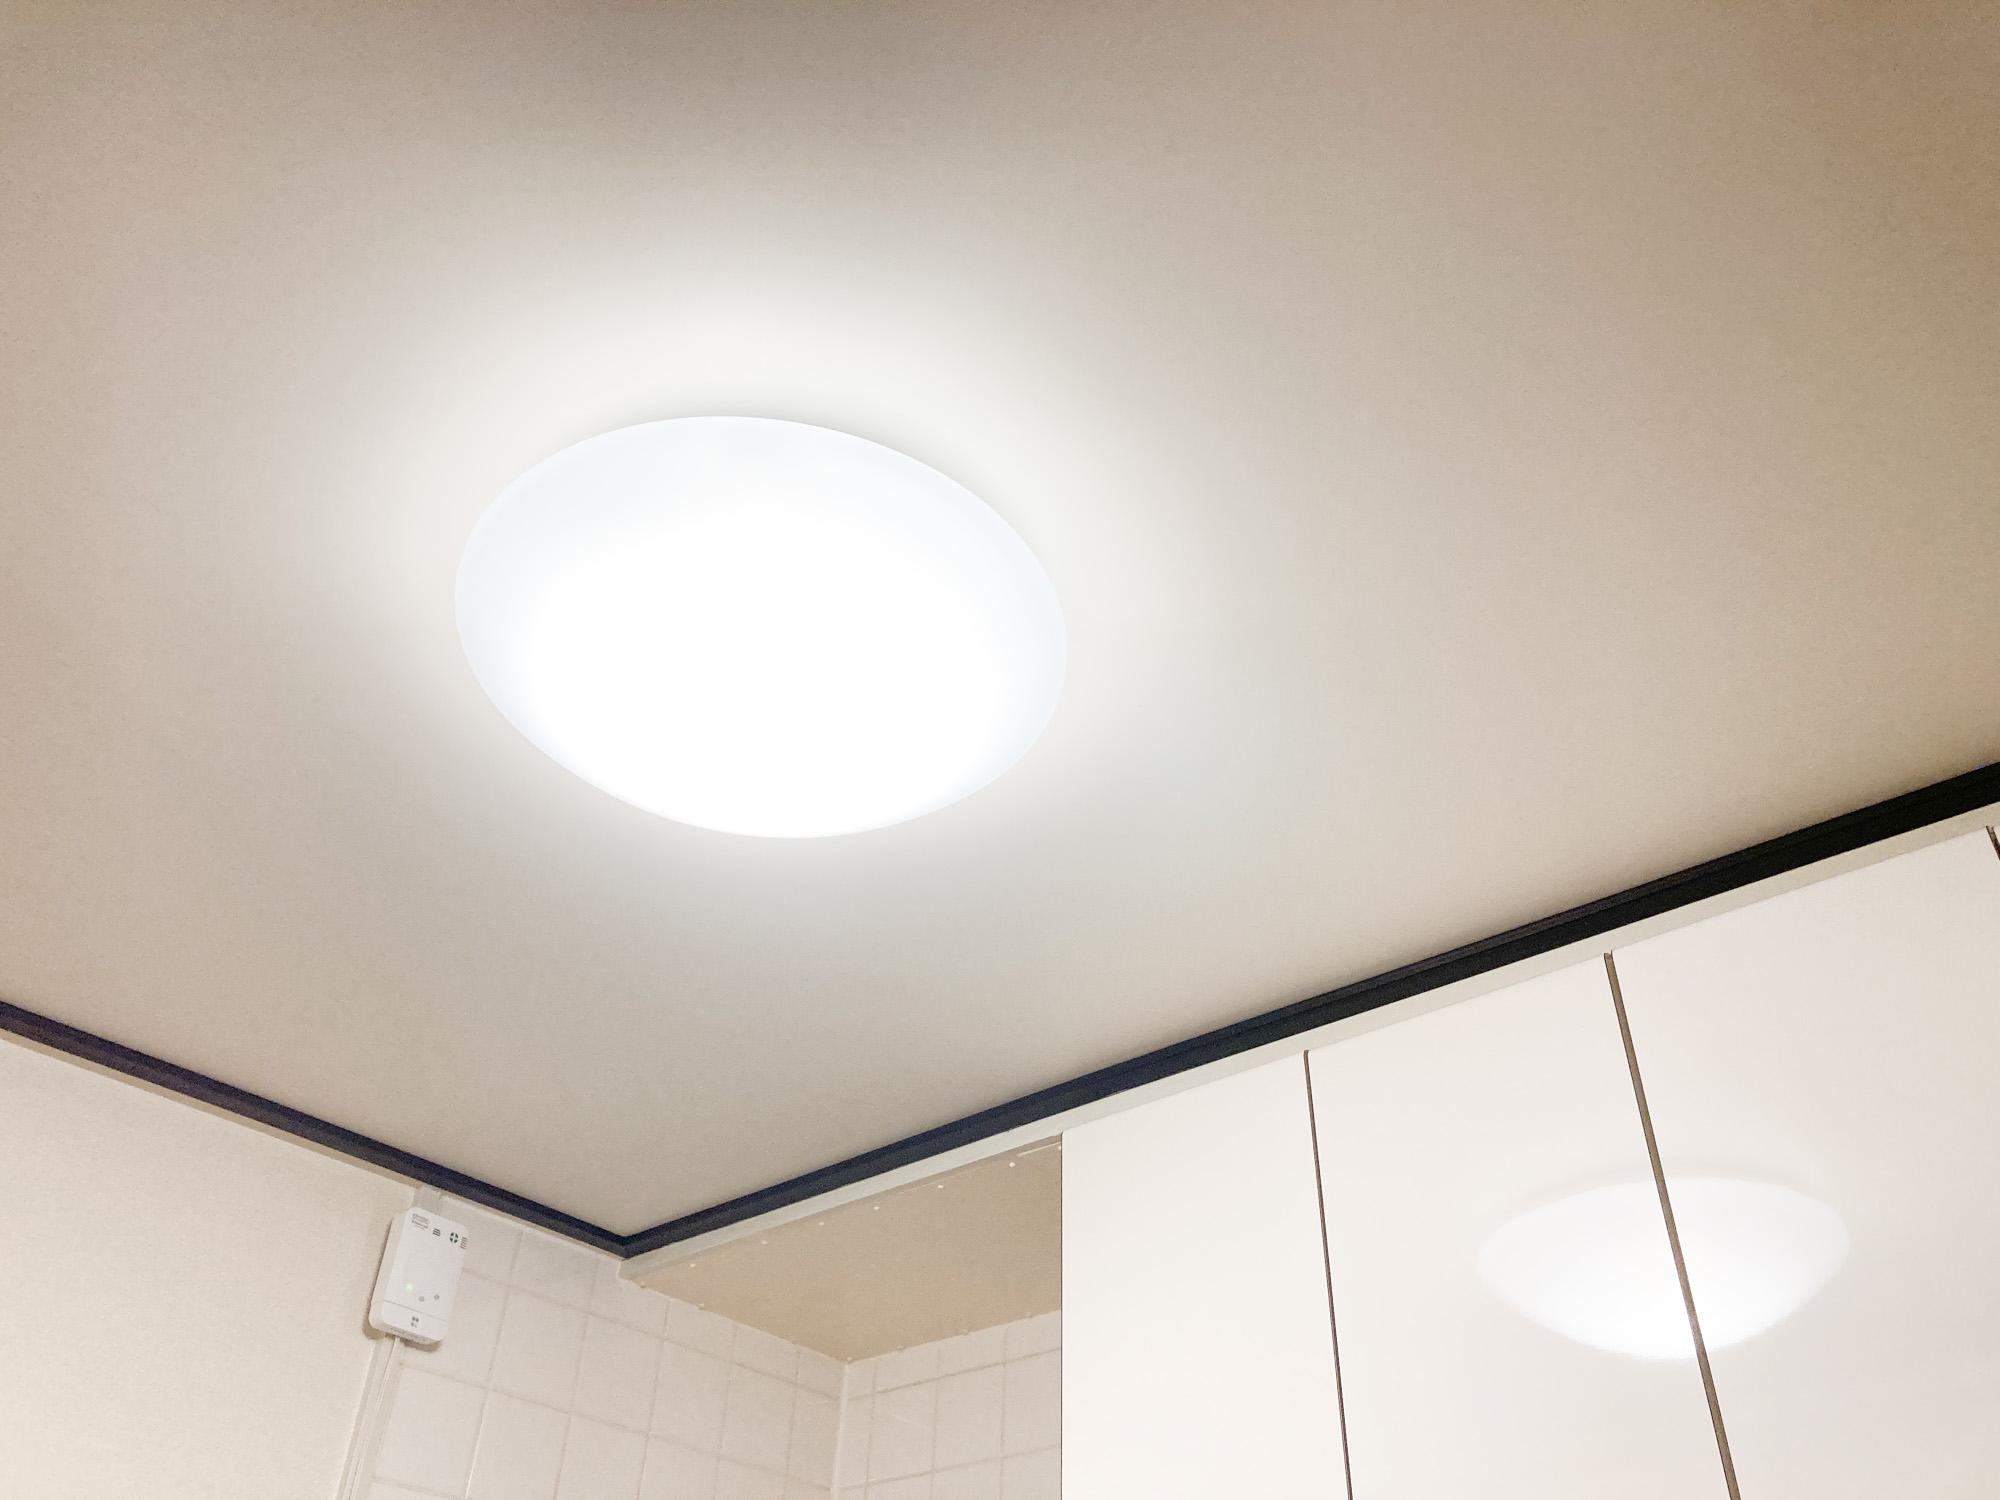 「シーリングライト」のシーリングとは、天井のこと。その名の通り、天井に直につけられた照明です。均等に広い範囲を照らすので、キッチンなどの作業スペースには向いていますが、単調な印象も。